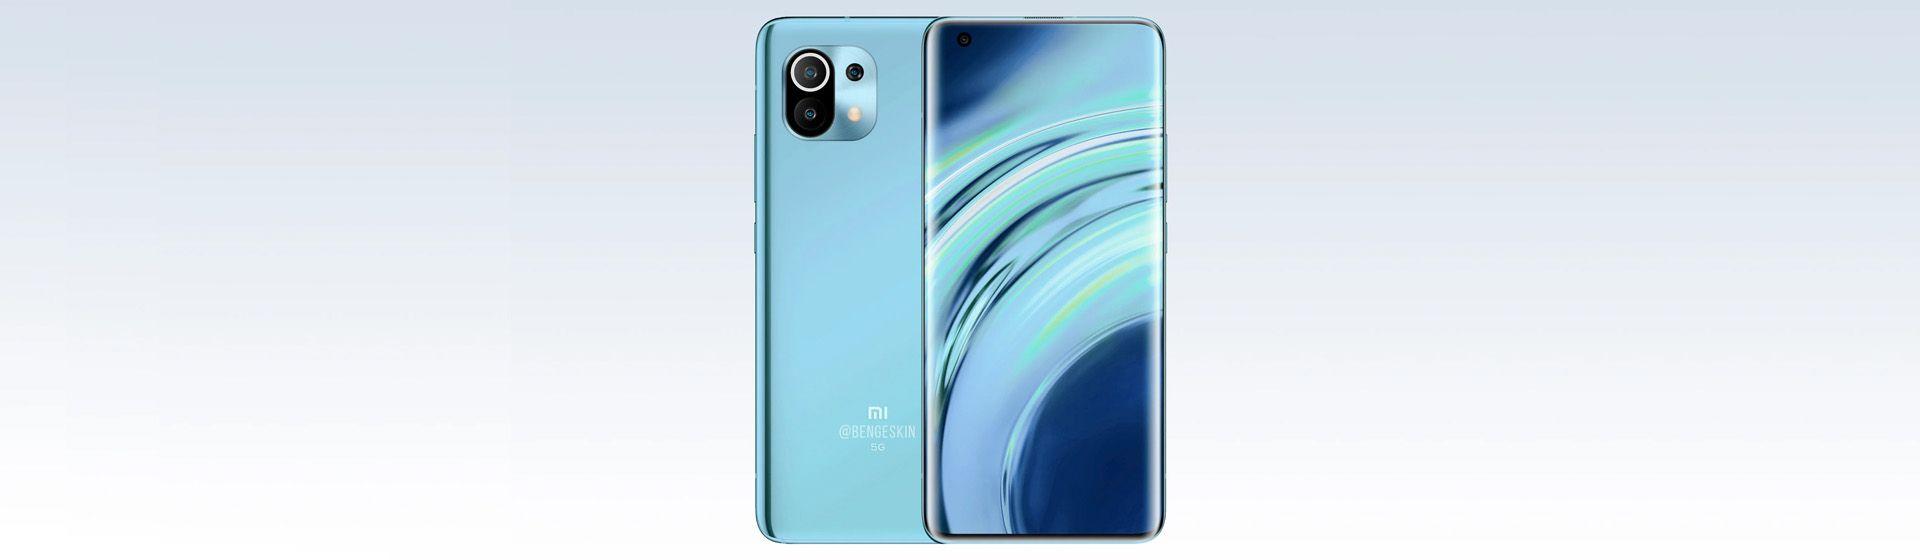 Data de lançamento e fotos reais do Xiaomi Mi 11 vazam em rumores